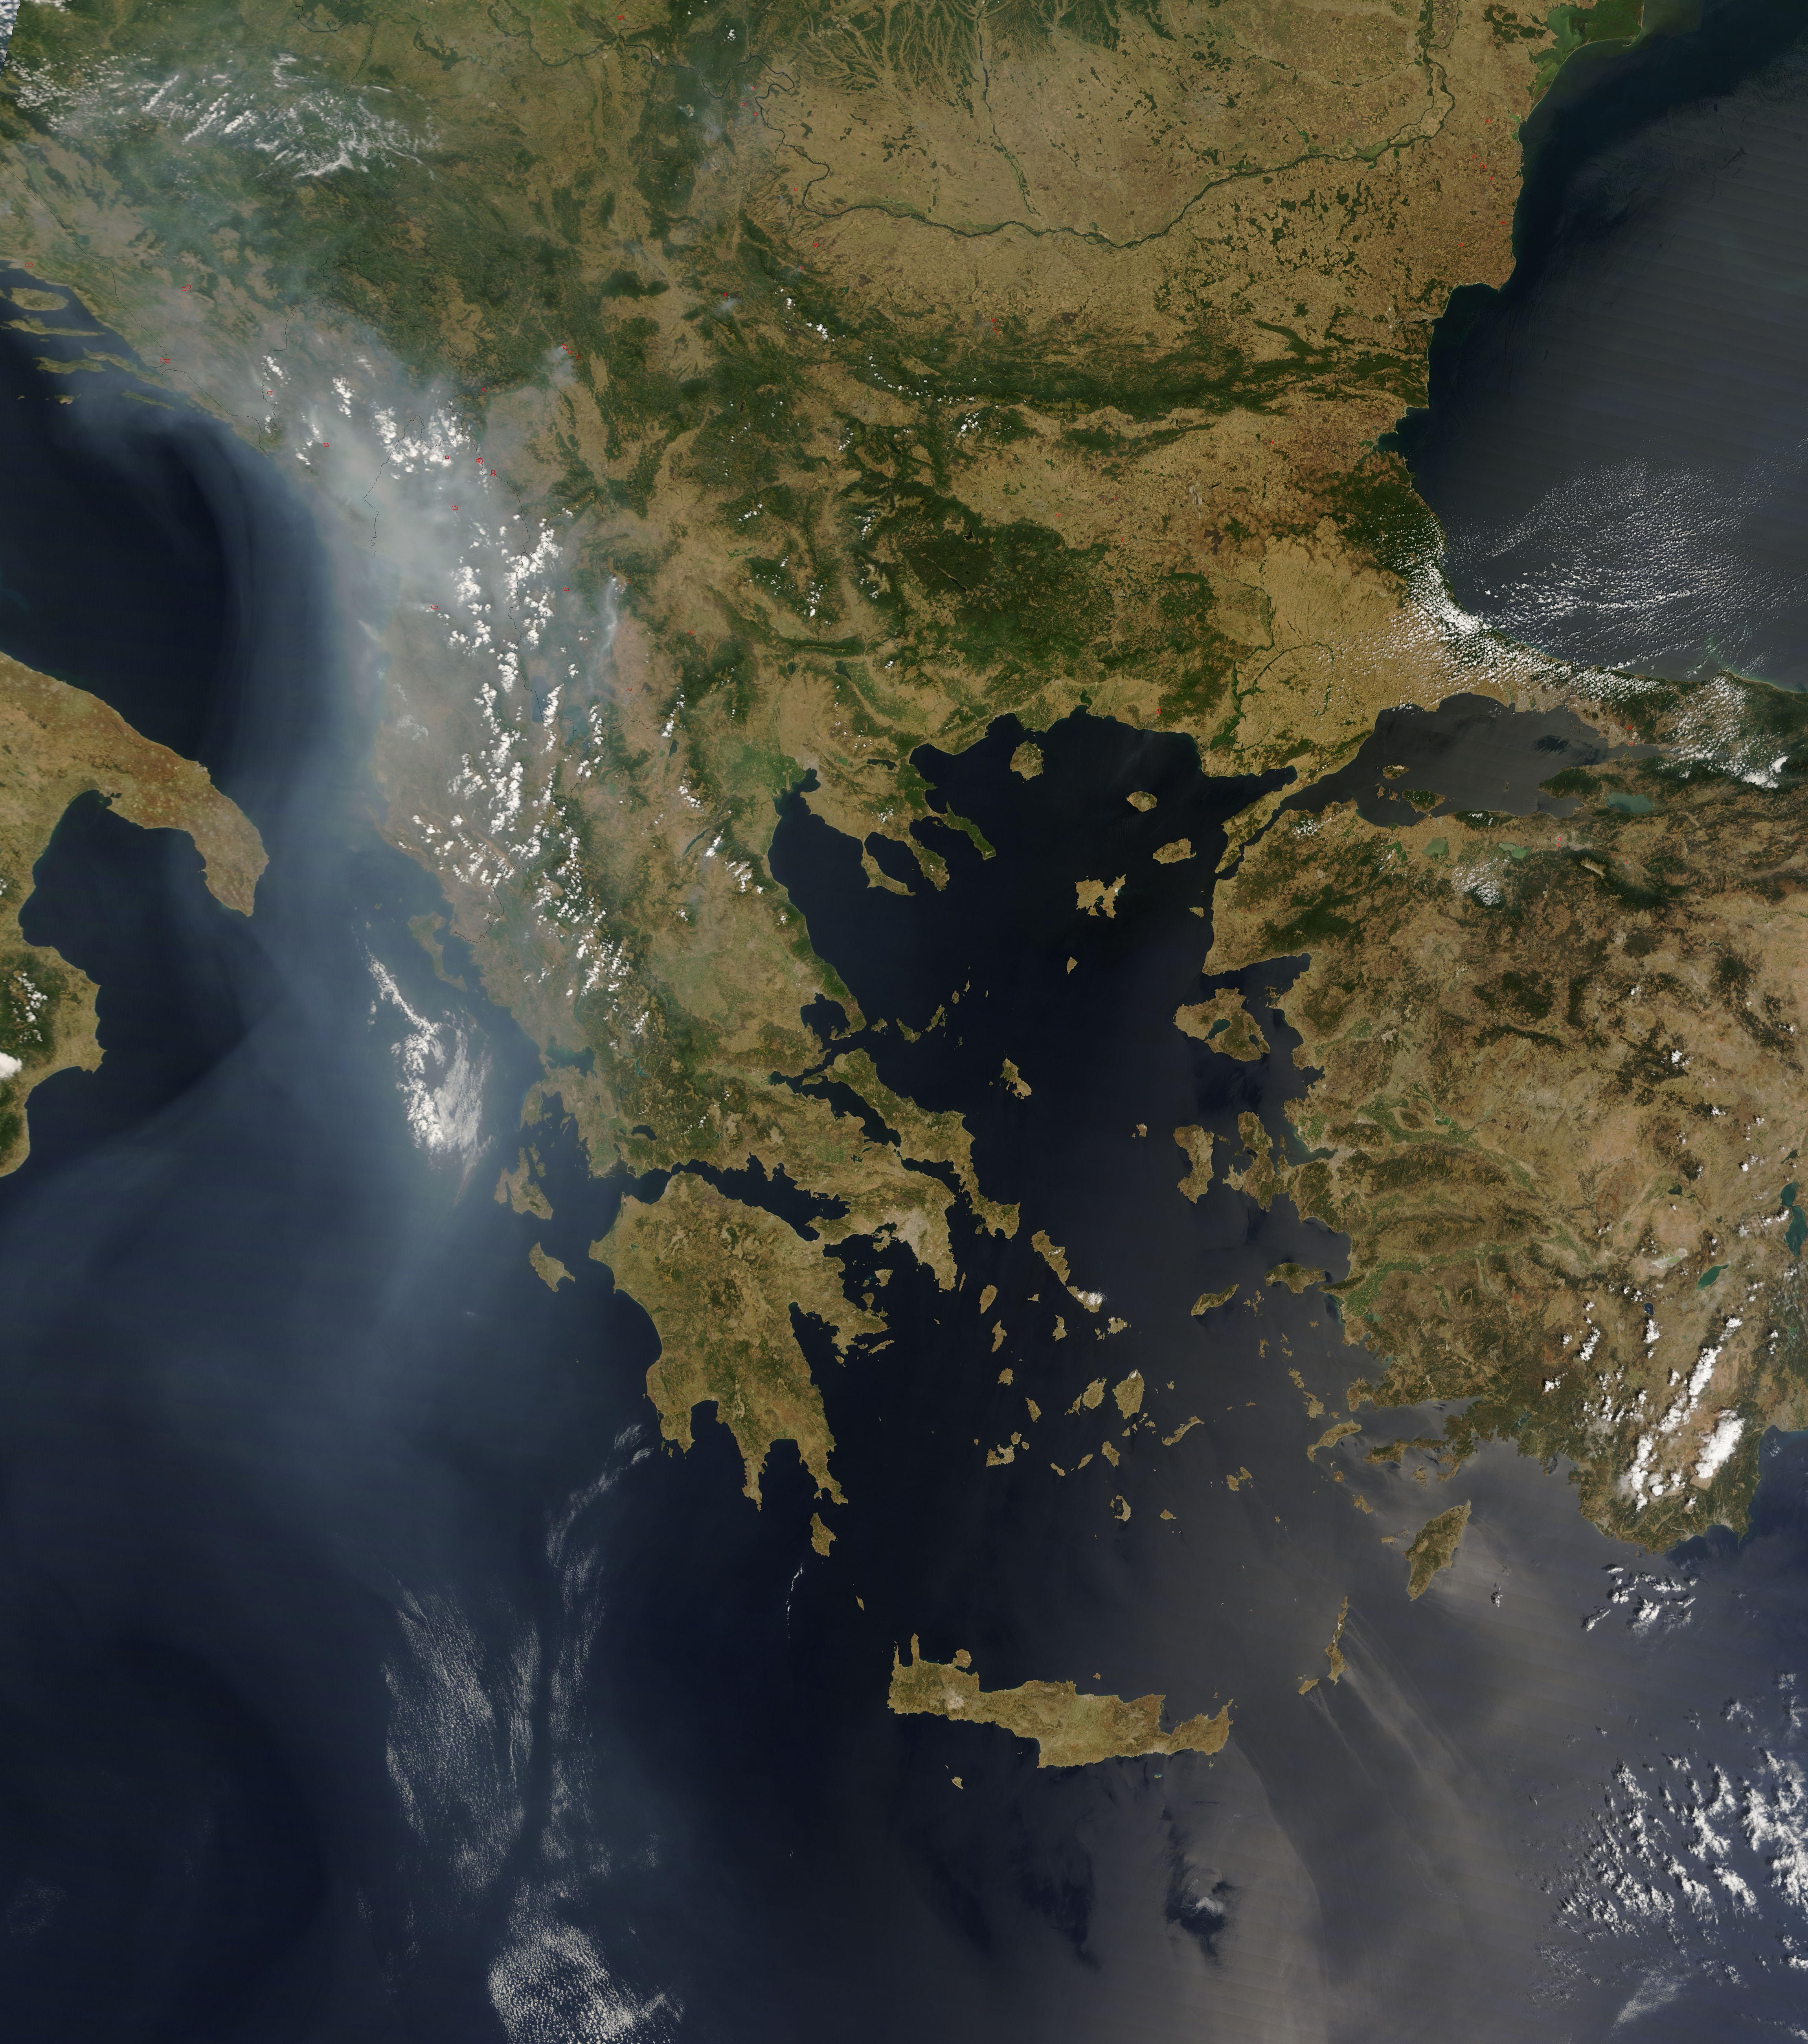 Montes Balcanes Mapa Geografico.Peninsula Balcanica Wikipedia La Enciclopedia Libre